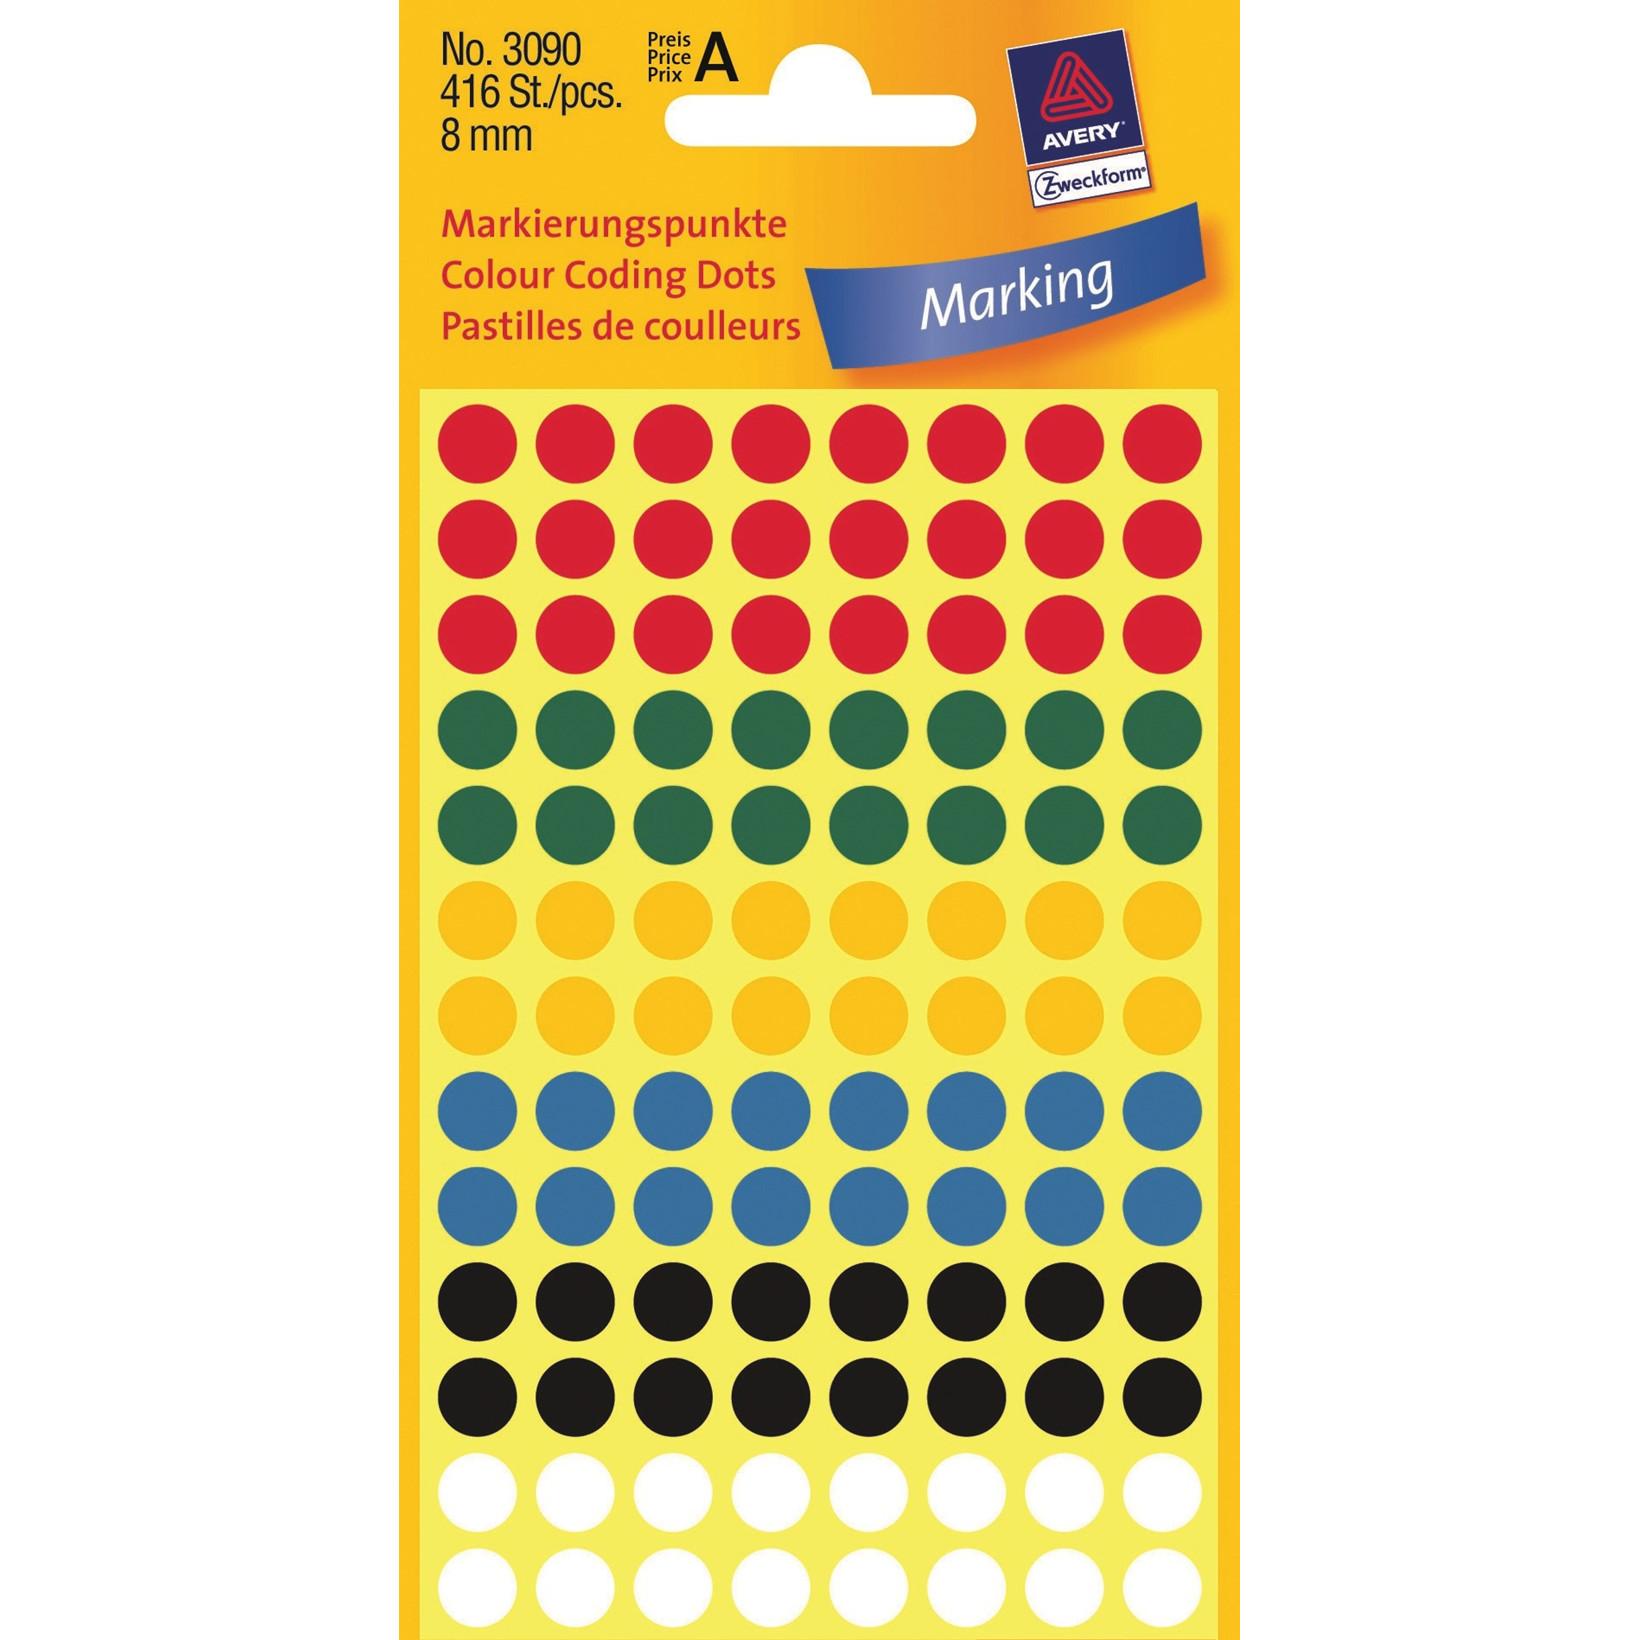 Avery 3090 - Runde etiketter i assorteret farver  Ø: 8 mm - 416 stk